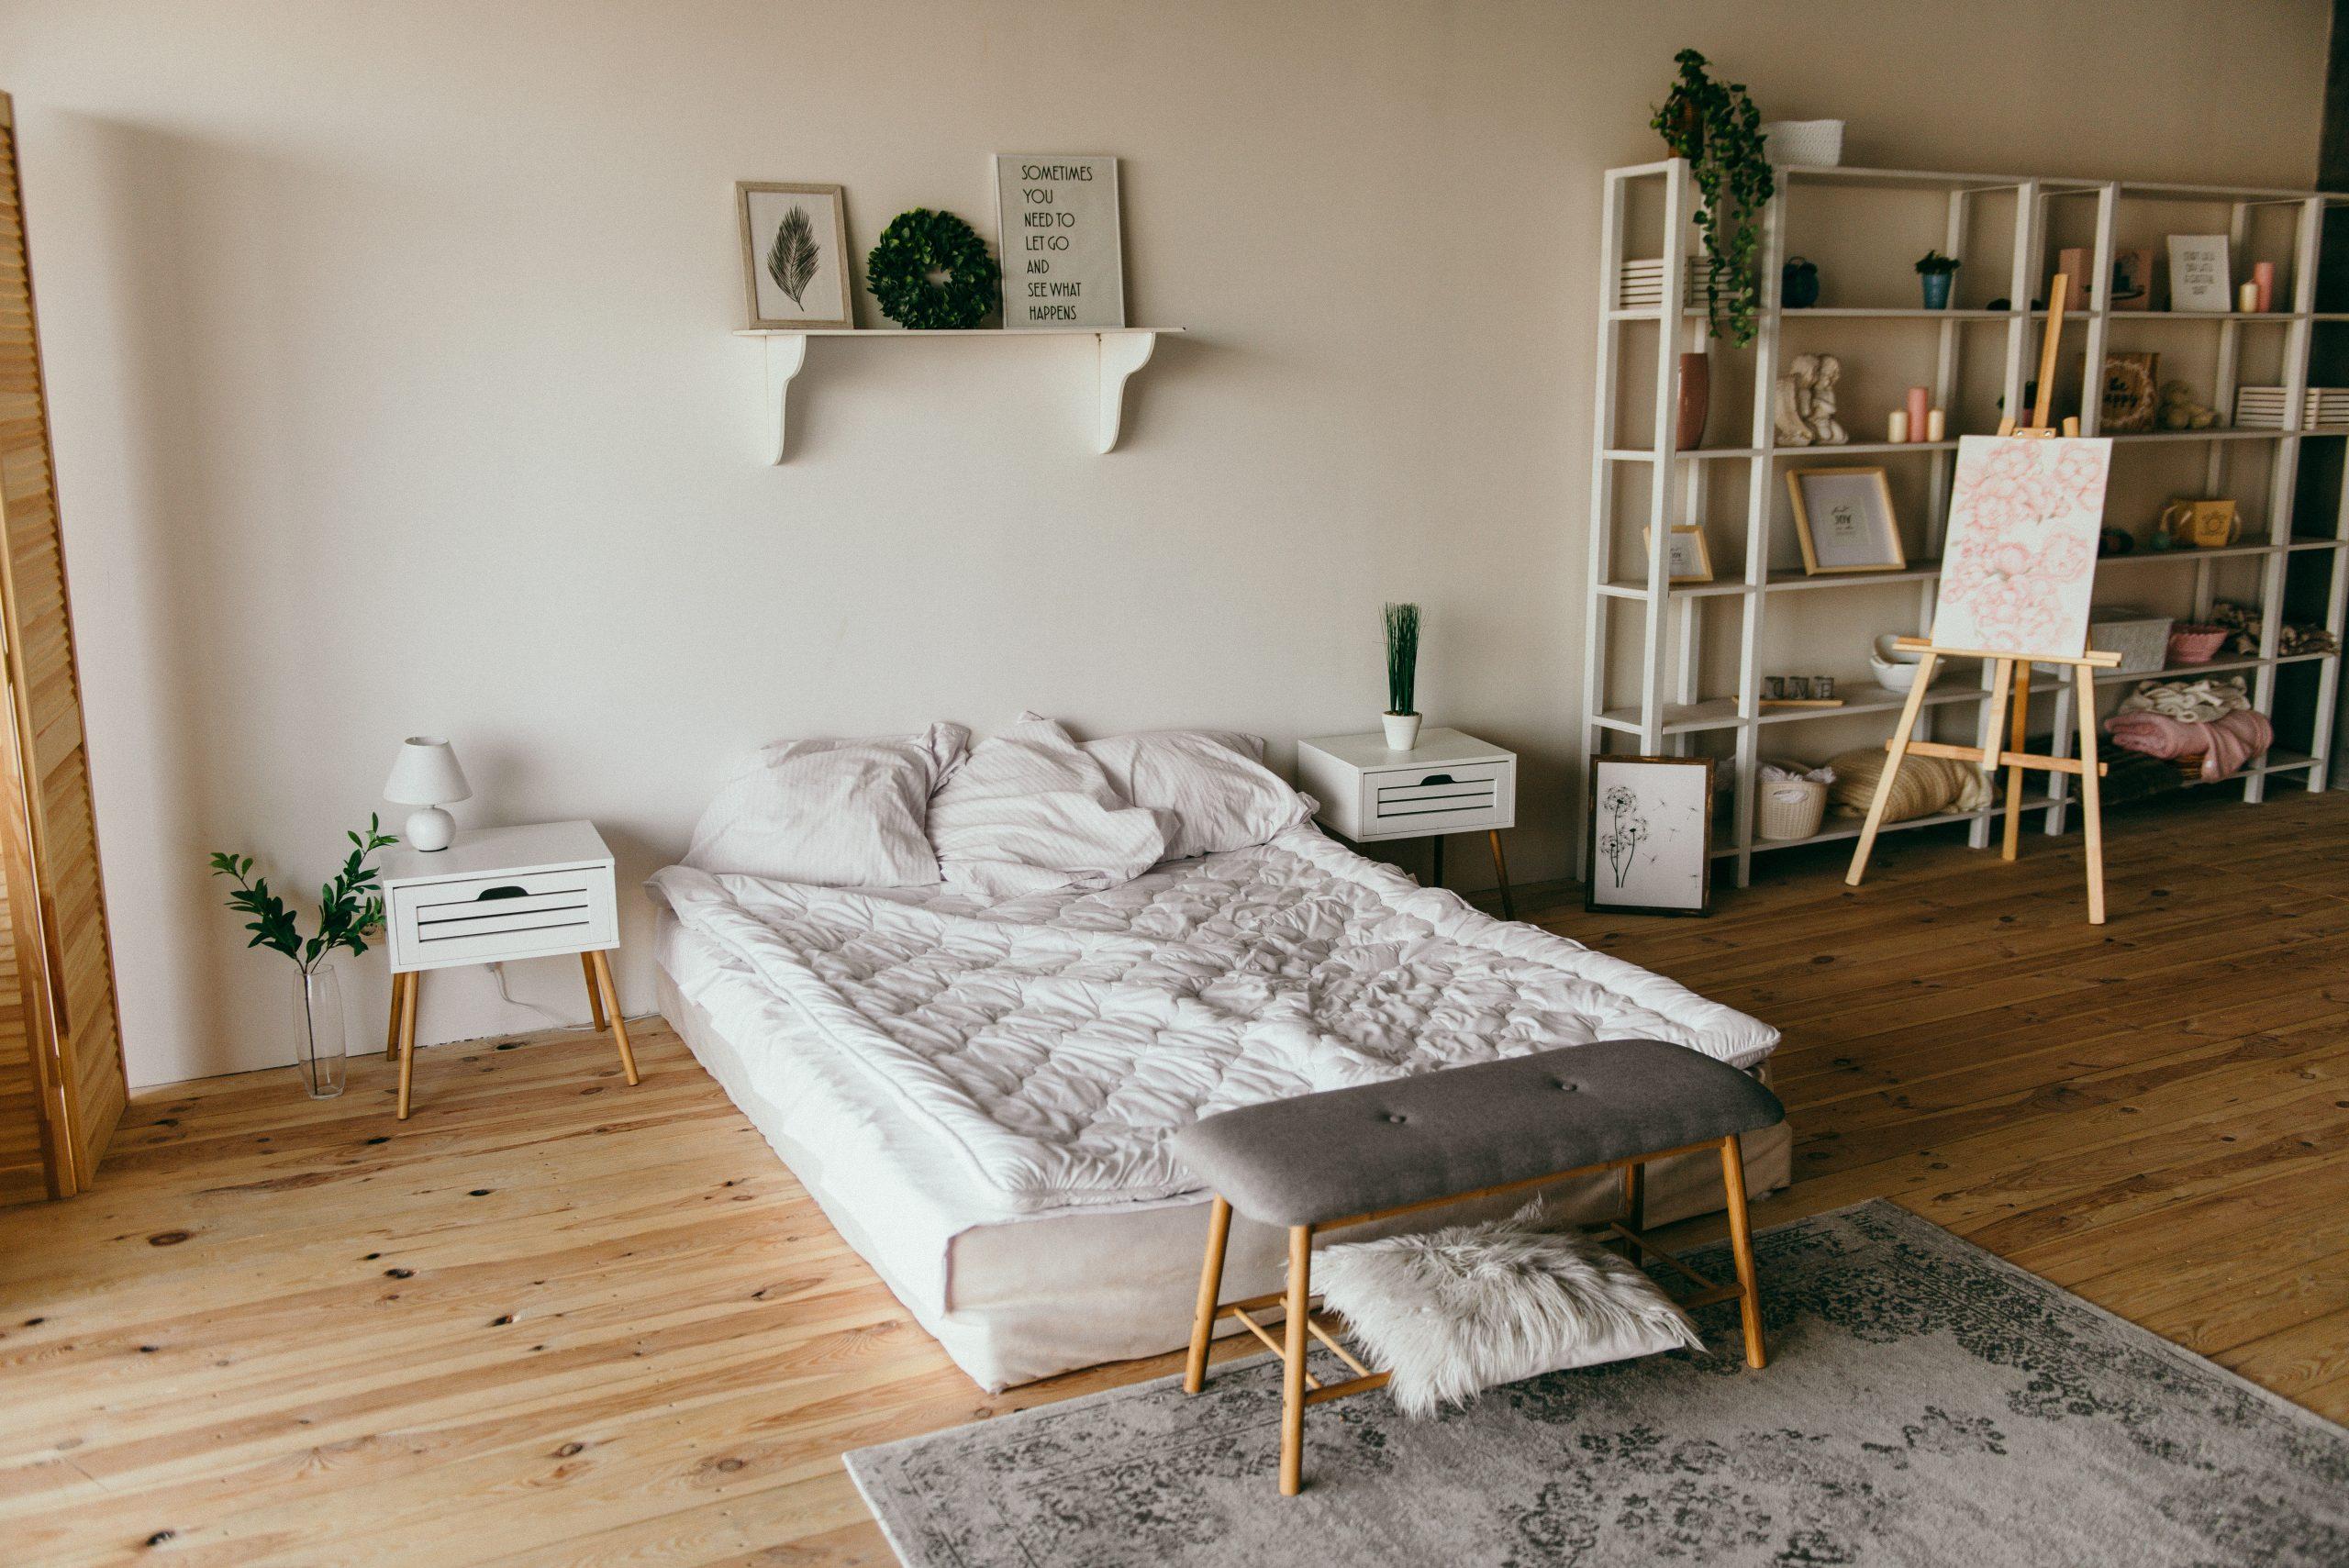 Imagem mostra uma sala de piso de taco de madeira, amplo espaço e iluminada, com foco num colchão diretamente no chão, com roupa de cama levemente bagunçada, e três travesseiros apoiados sobre ele.